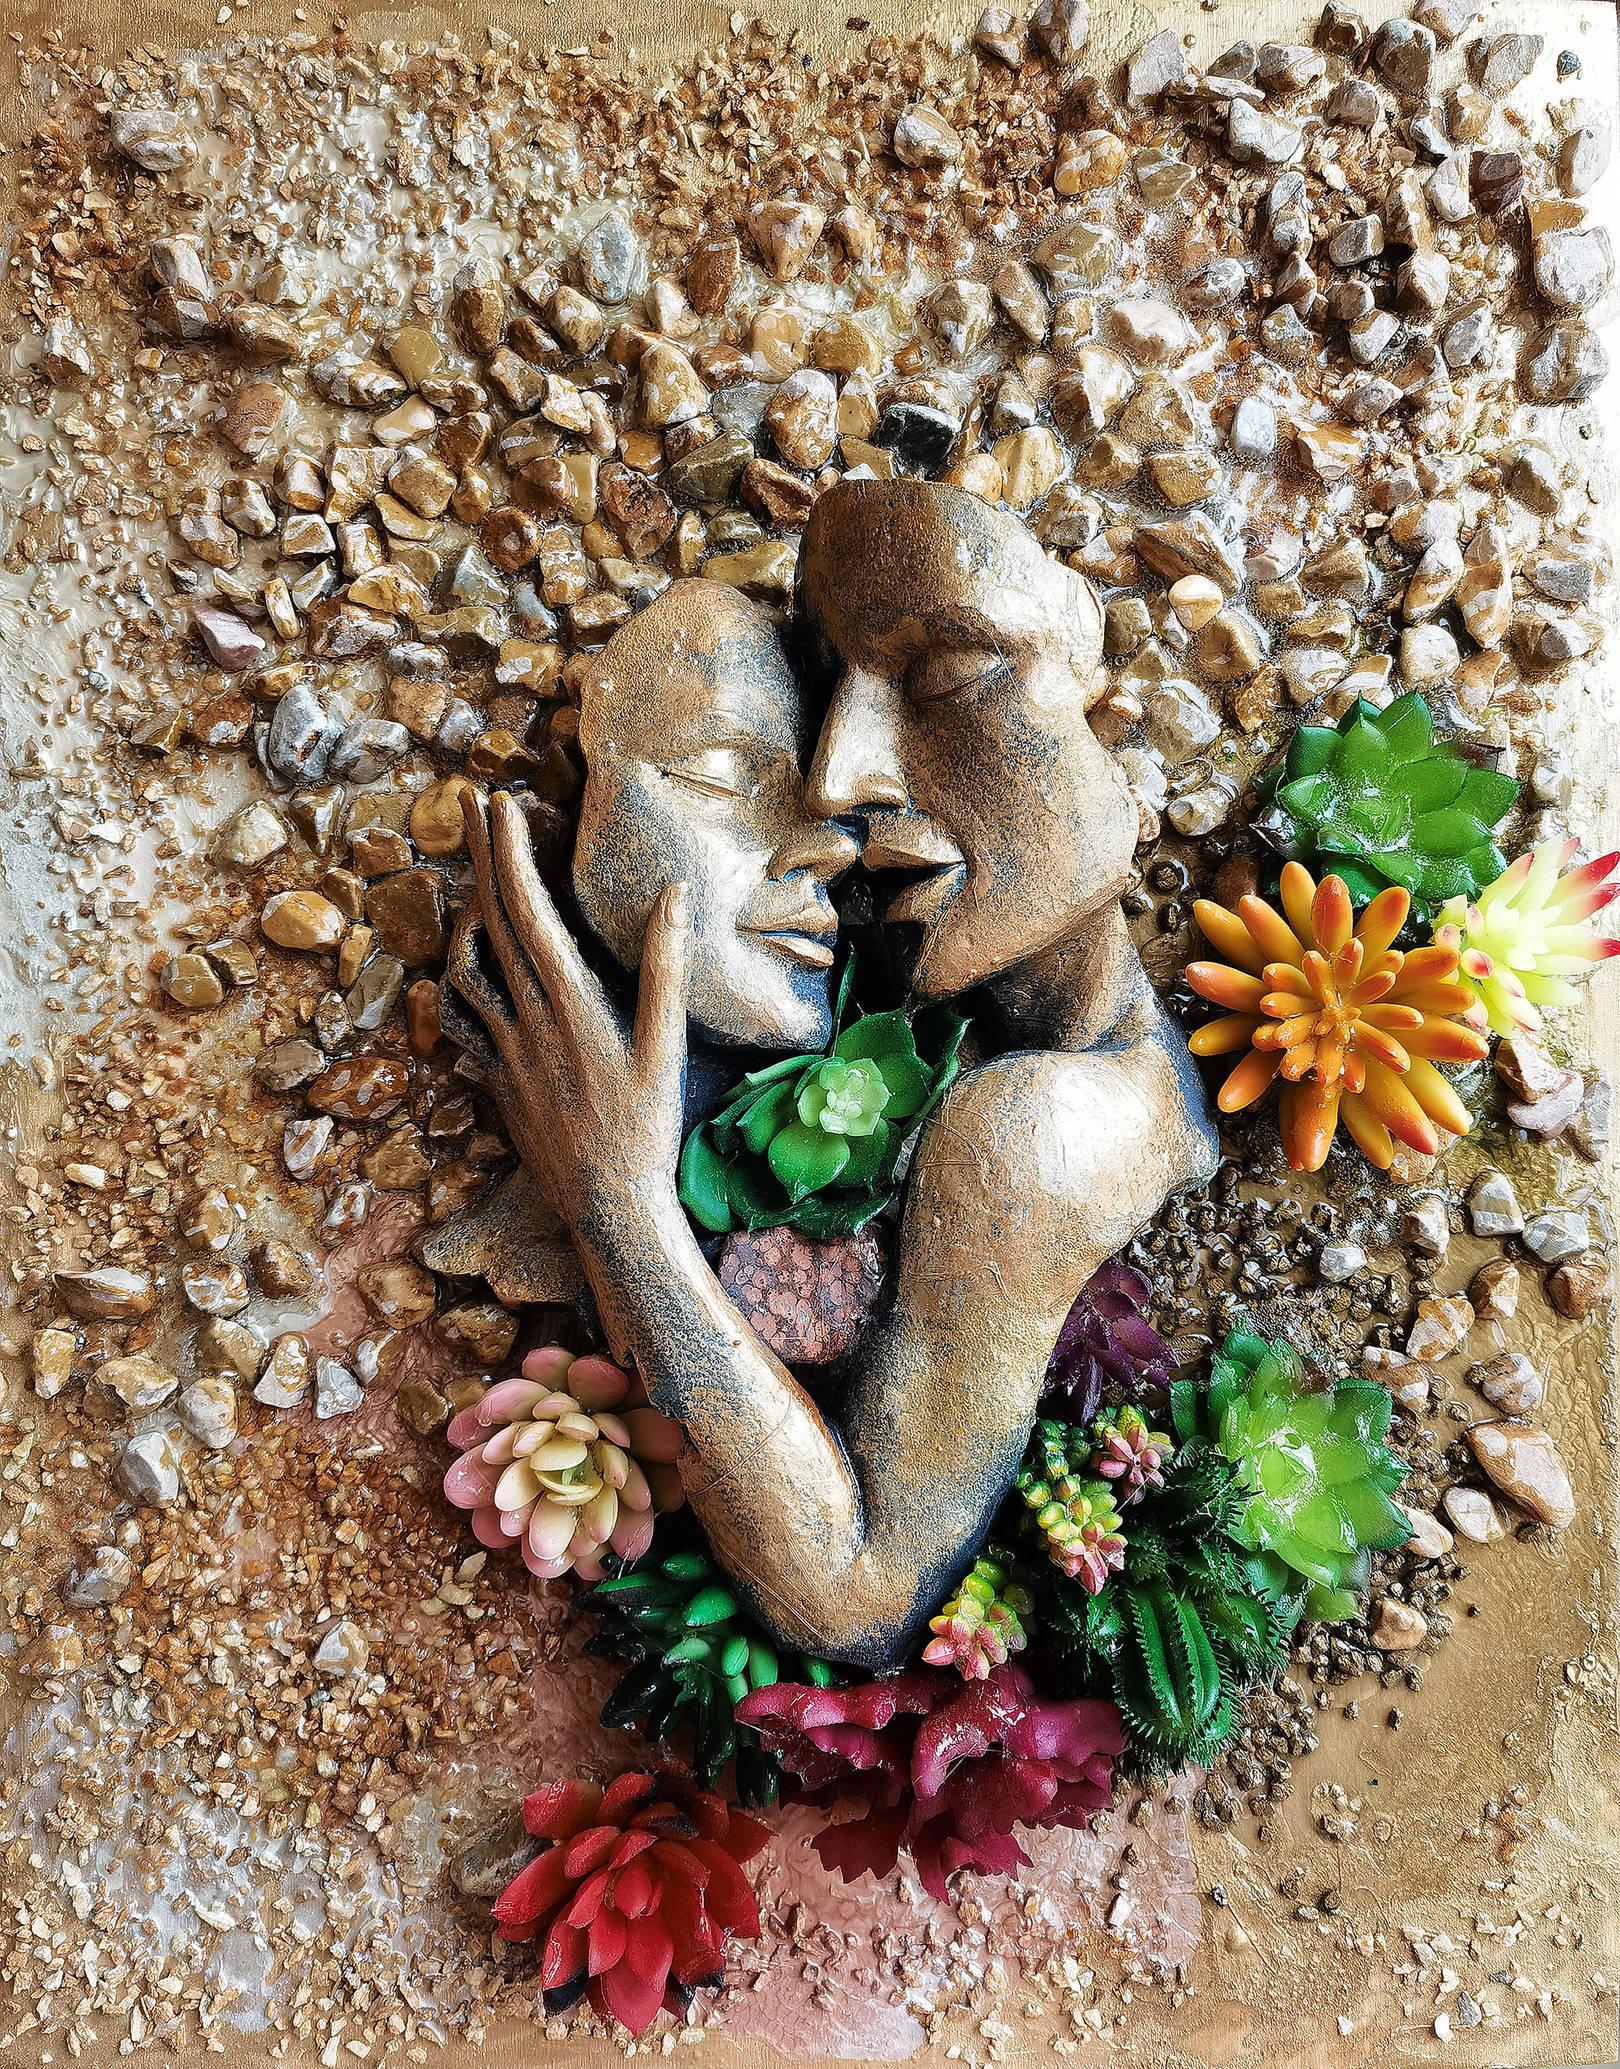 Акрил, деревянная панель, яшма, декоративные суккуленты, песок, камни, гель с эффектом воды, полистоун